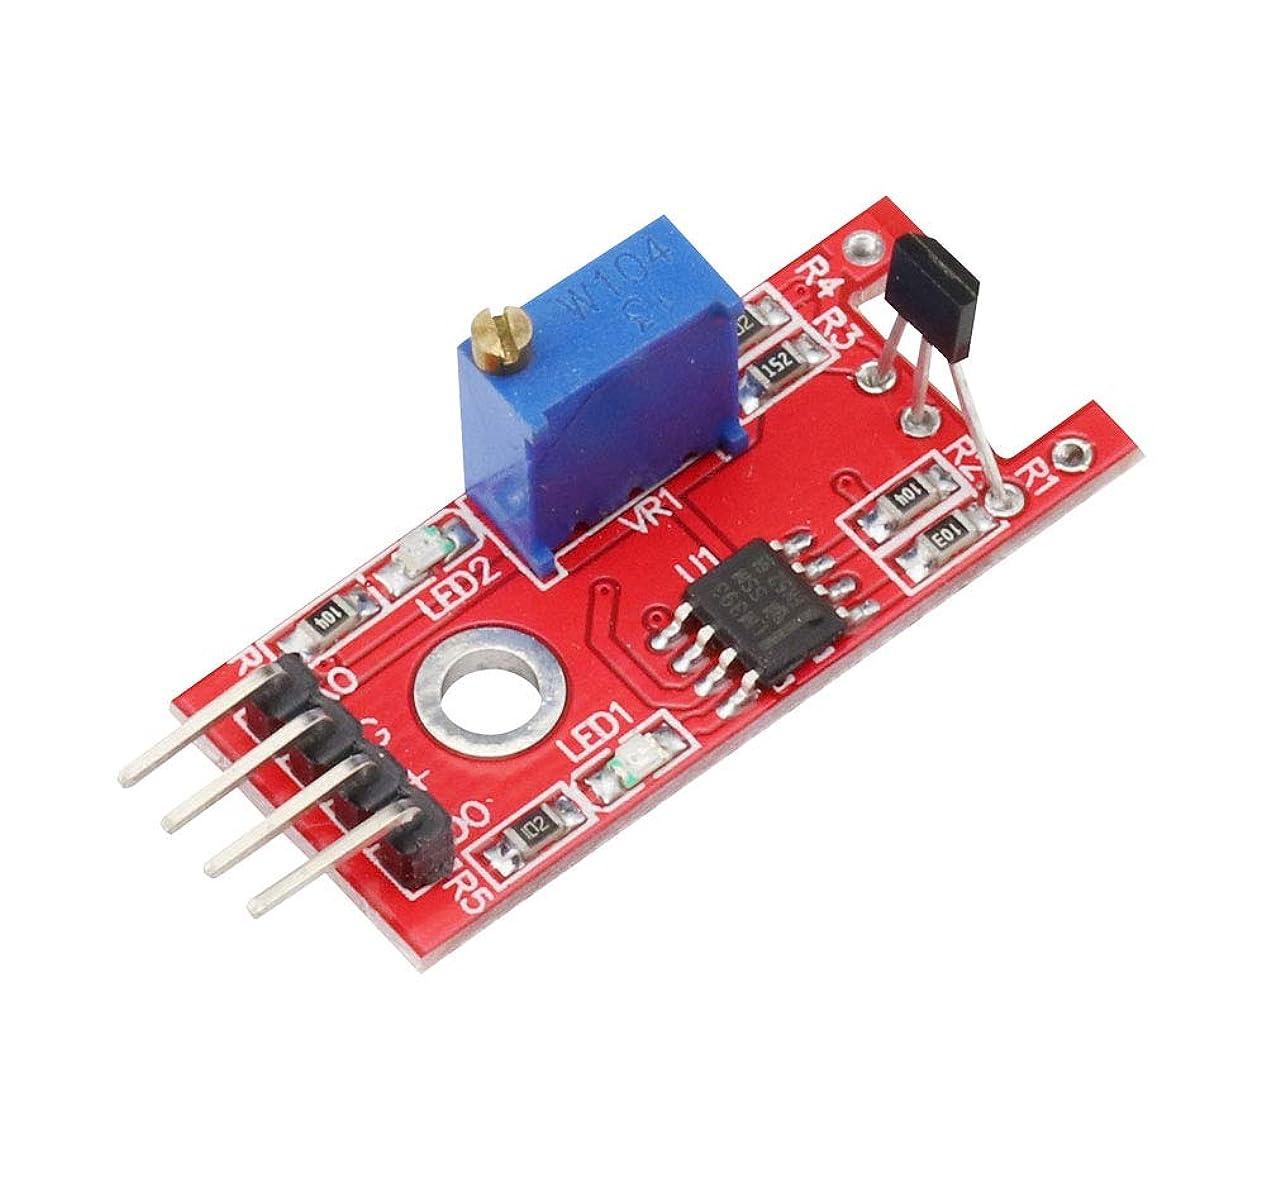 隣接中国従事するKKHMF KY-024 磁気リニア ホールセンサ リニア磁気ホールスイッチ Arduinoと互換